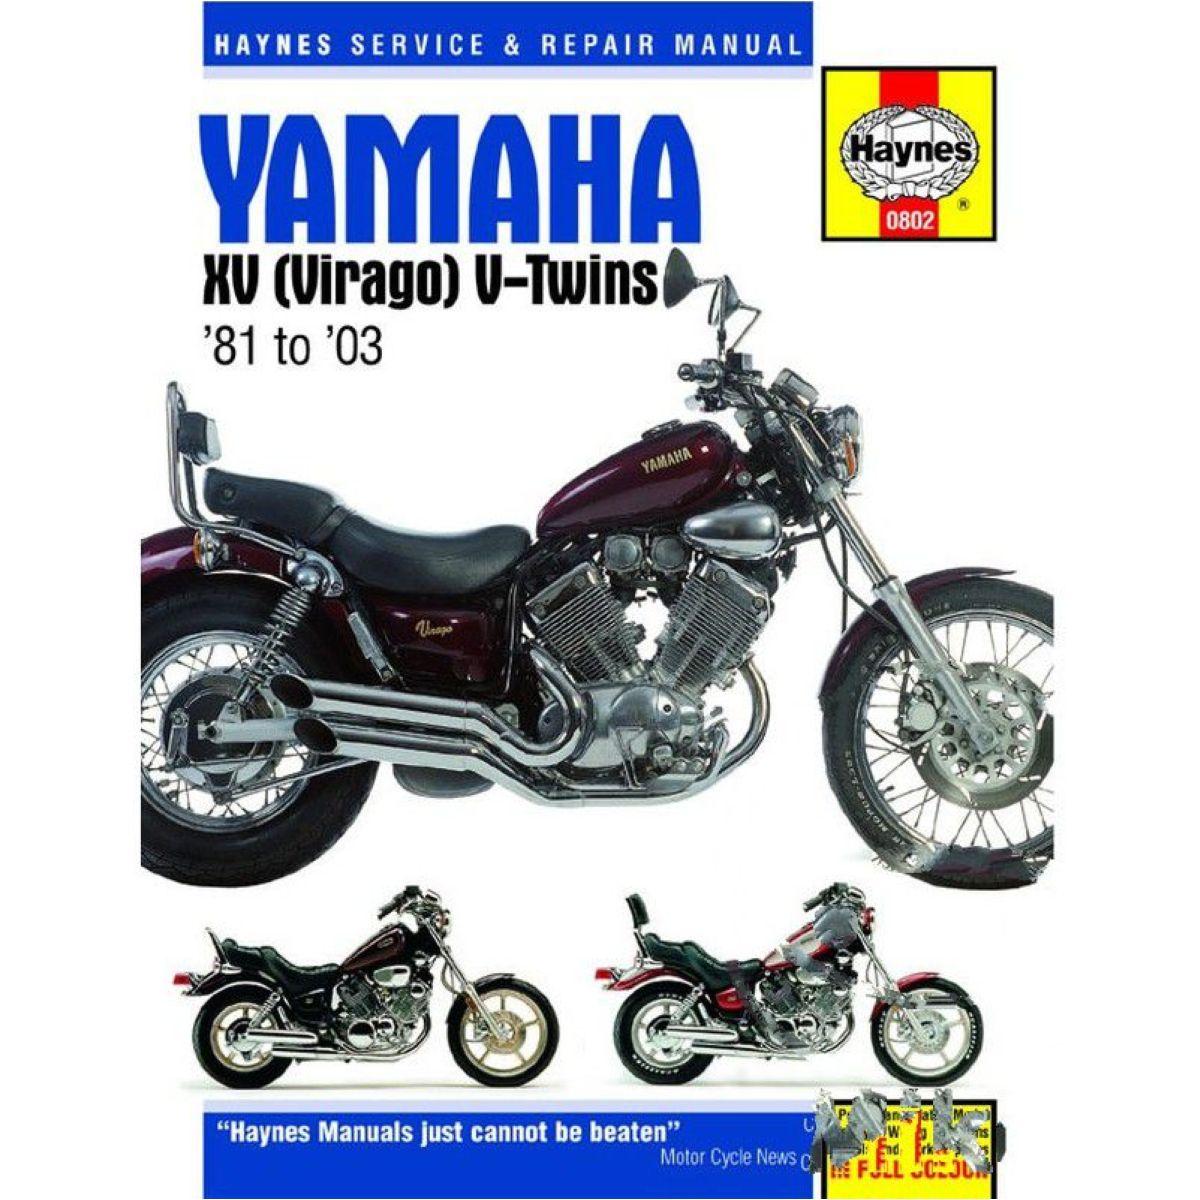 Haynes repair manual 0802